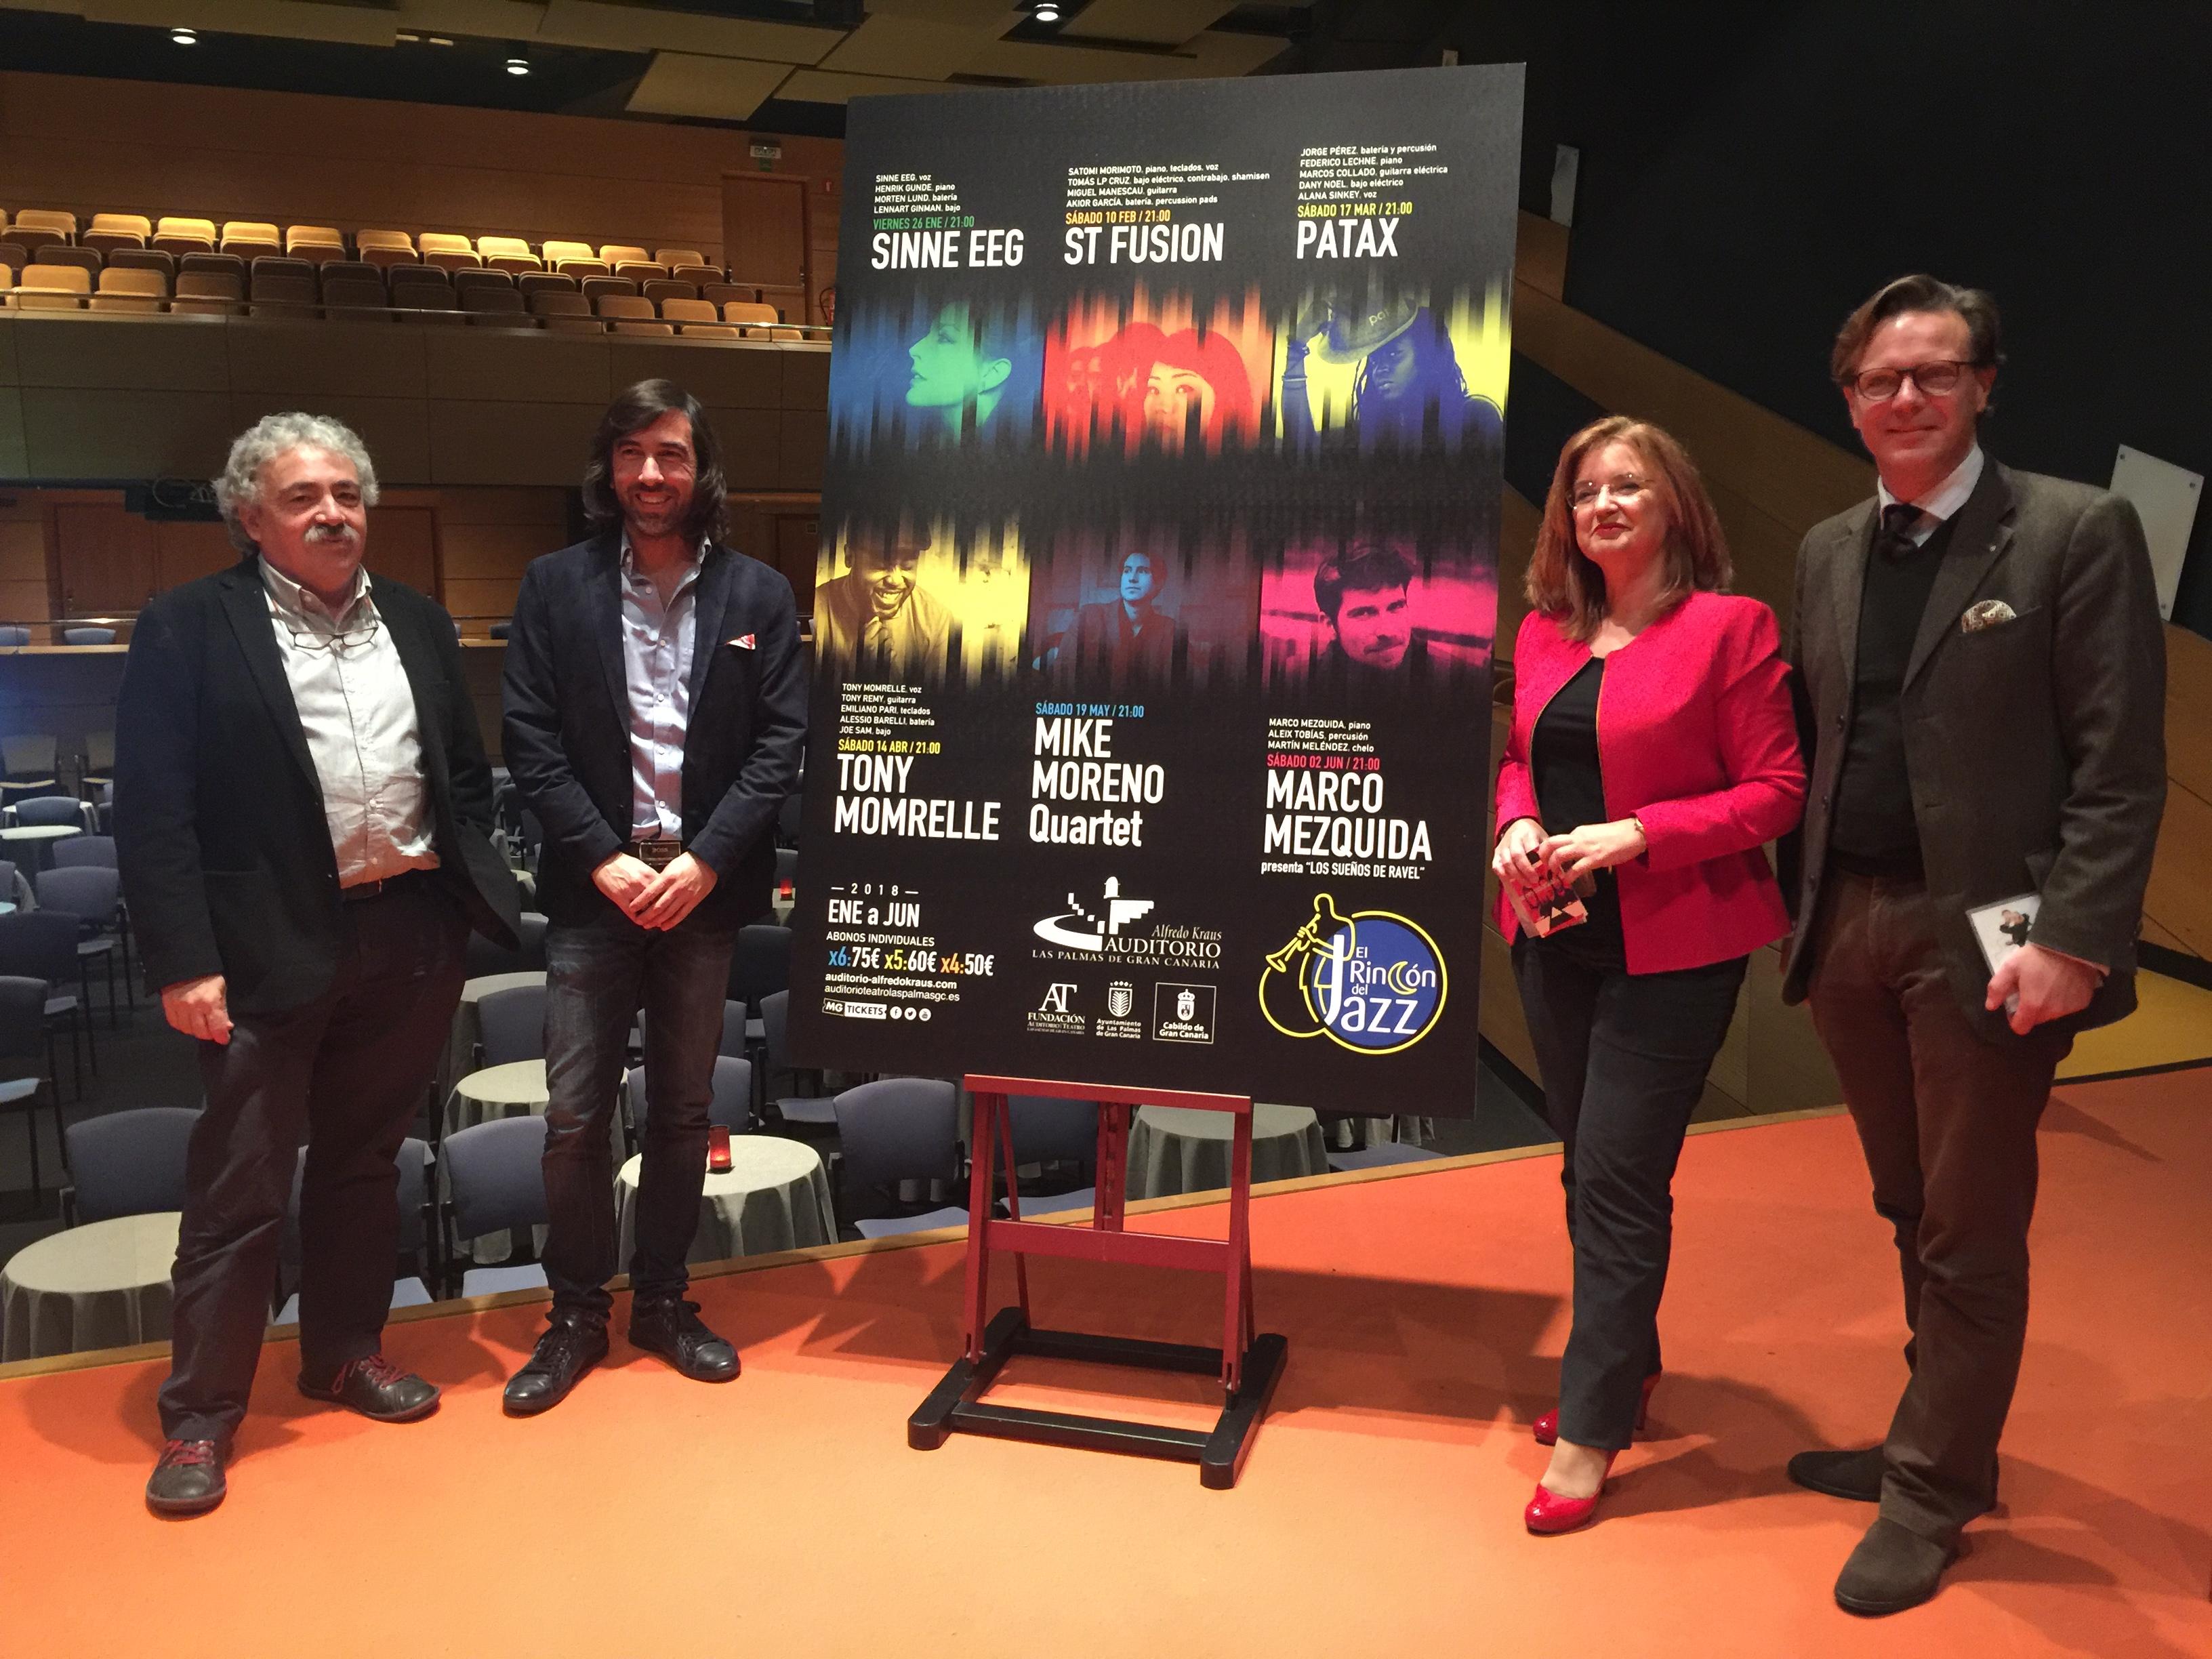 El Auditorio Alfredo Kraus lanza un abono para los conciertos del 'Rincón del Jazz'